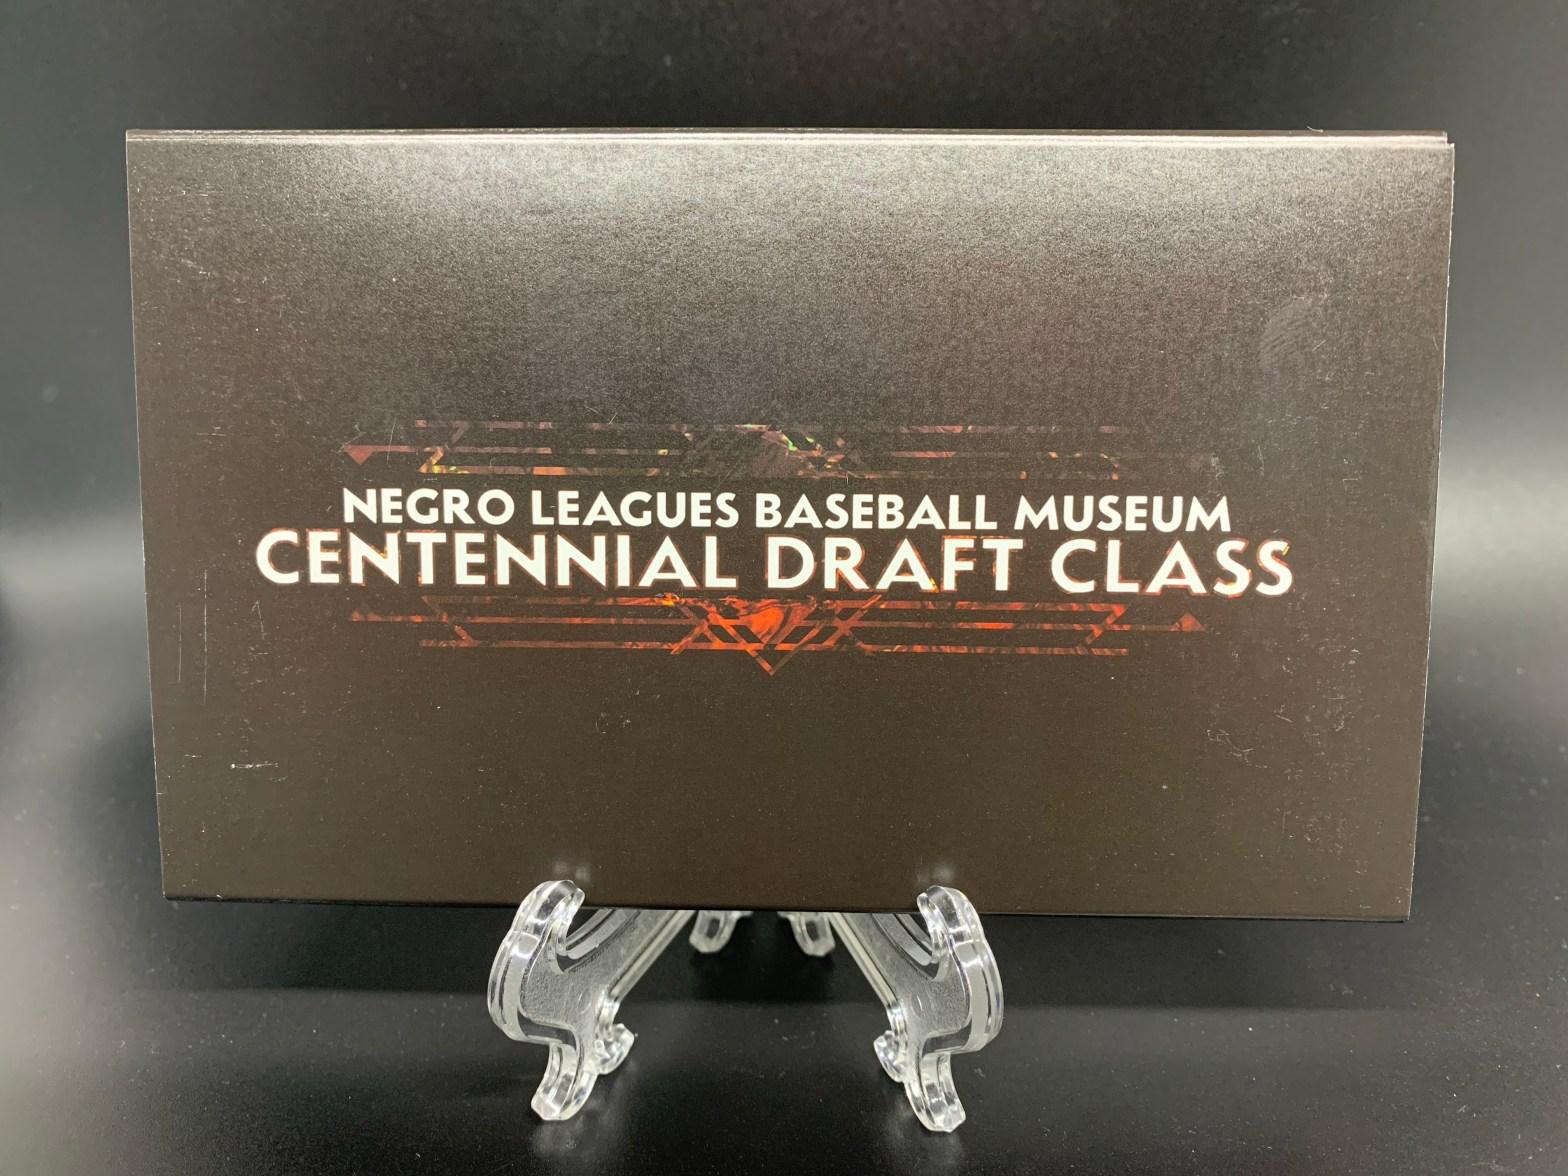 2020 Parkside Cards Negro Leagues Baseball Museum Centennial Draft Class Baseball Card Set